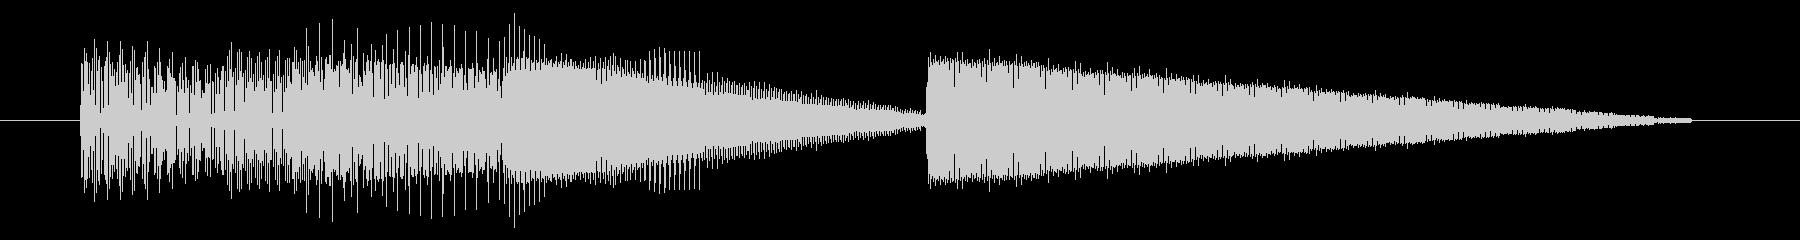 GB風レースゲームのジングルの未再生の波形